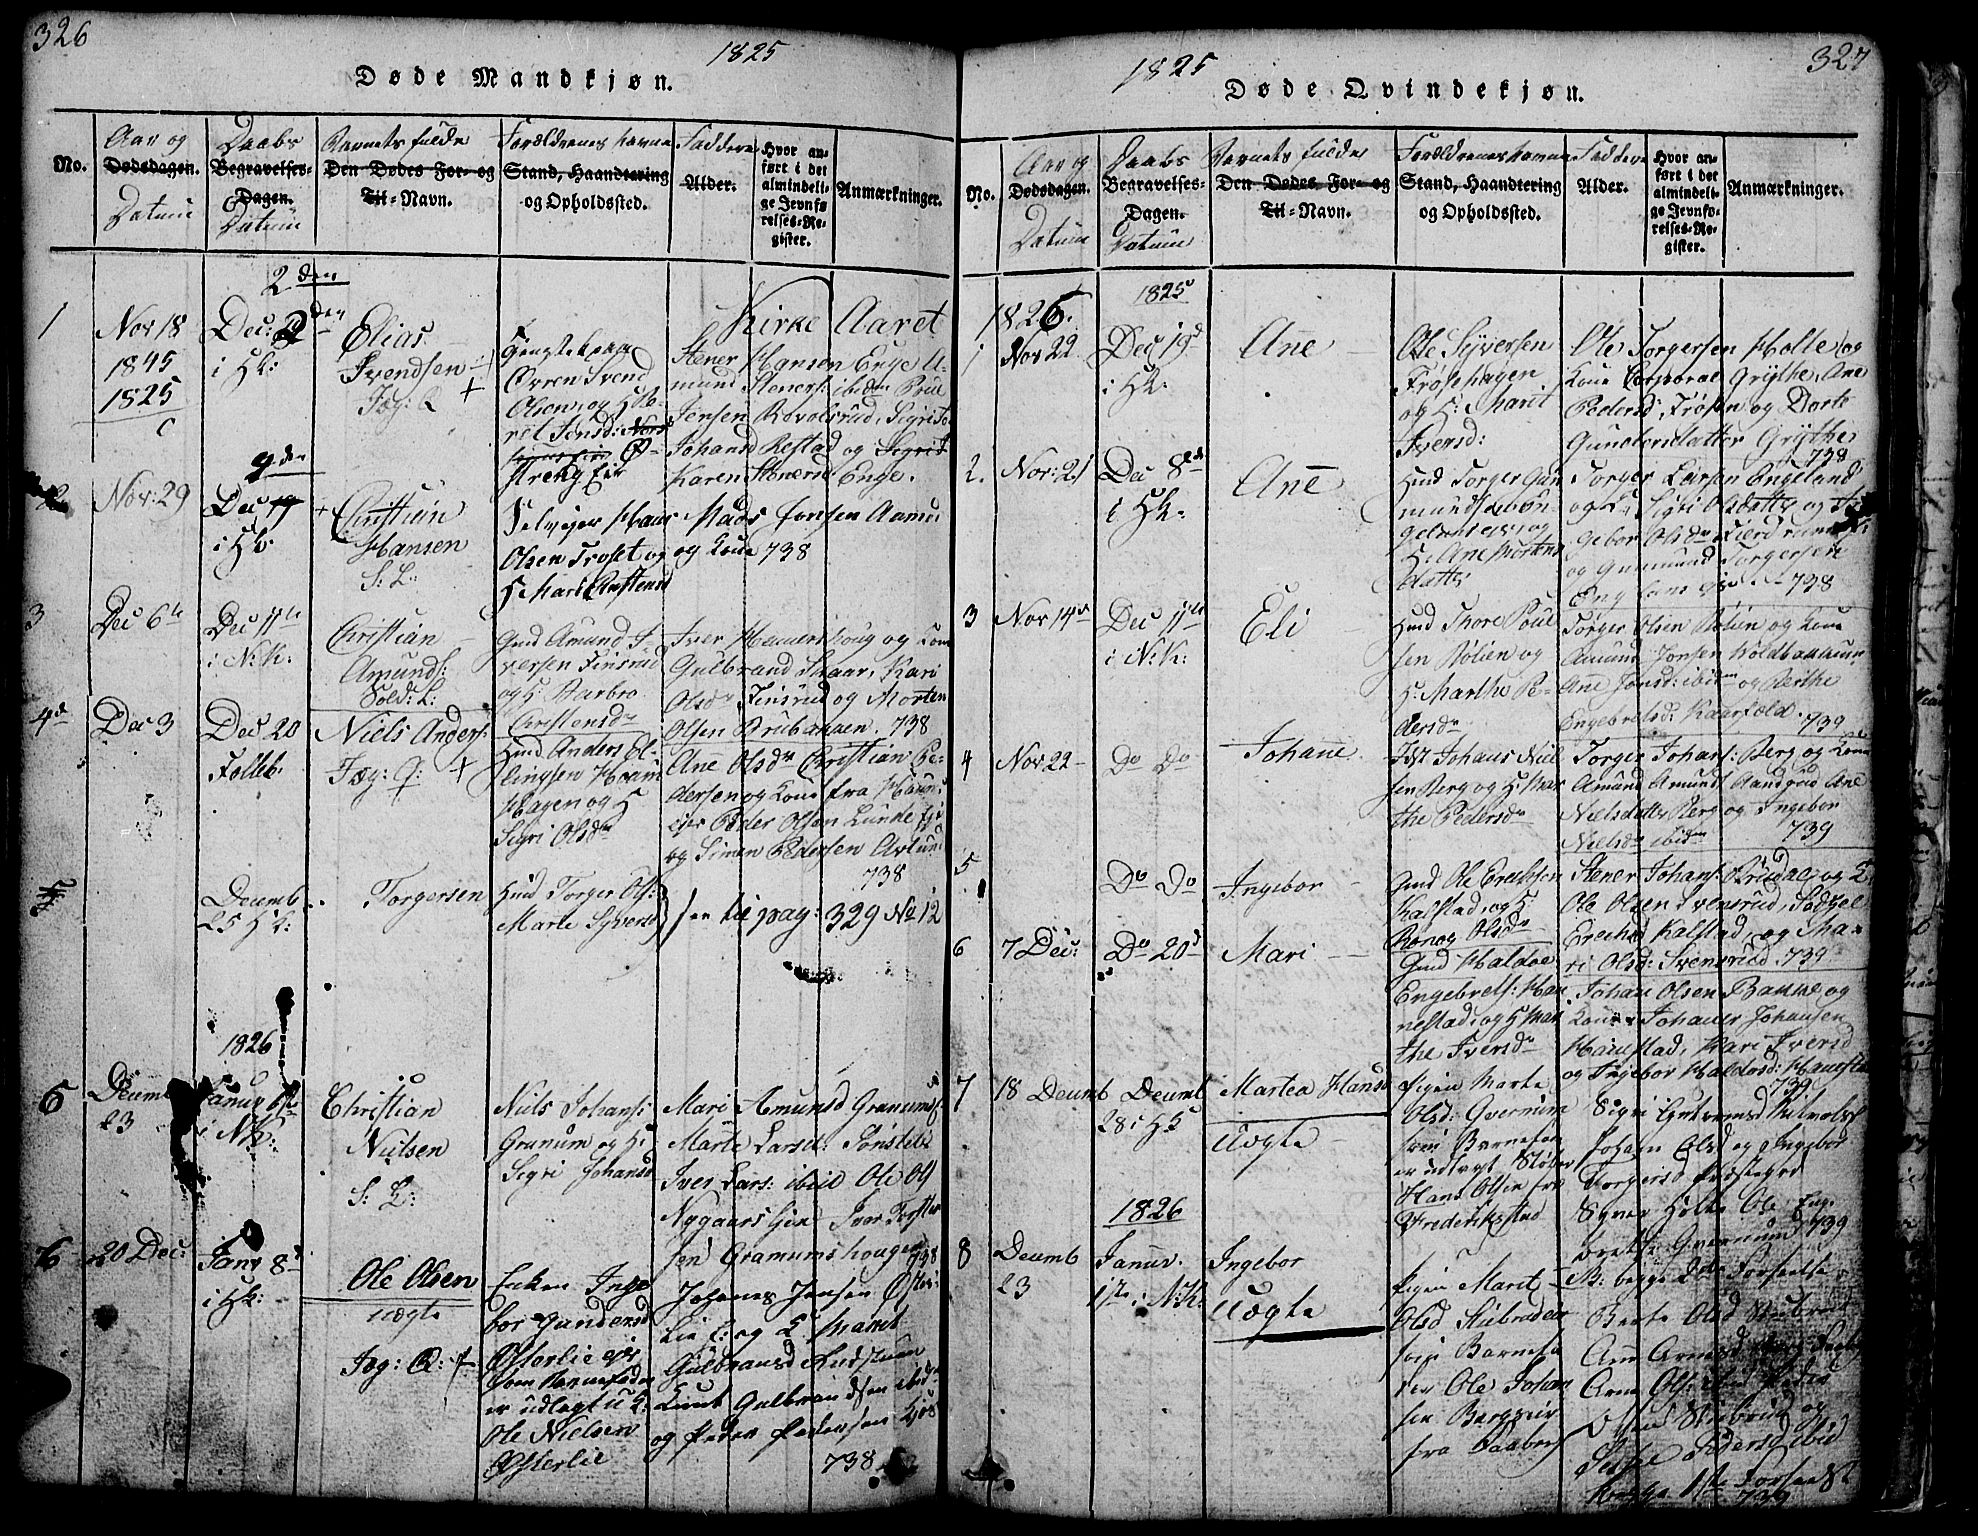 SAH, Gausdal prestekontor, Klokkerbok nr. 1, 1817-1848, s. 326-327